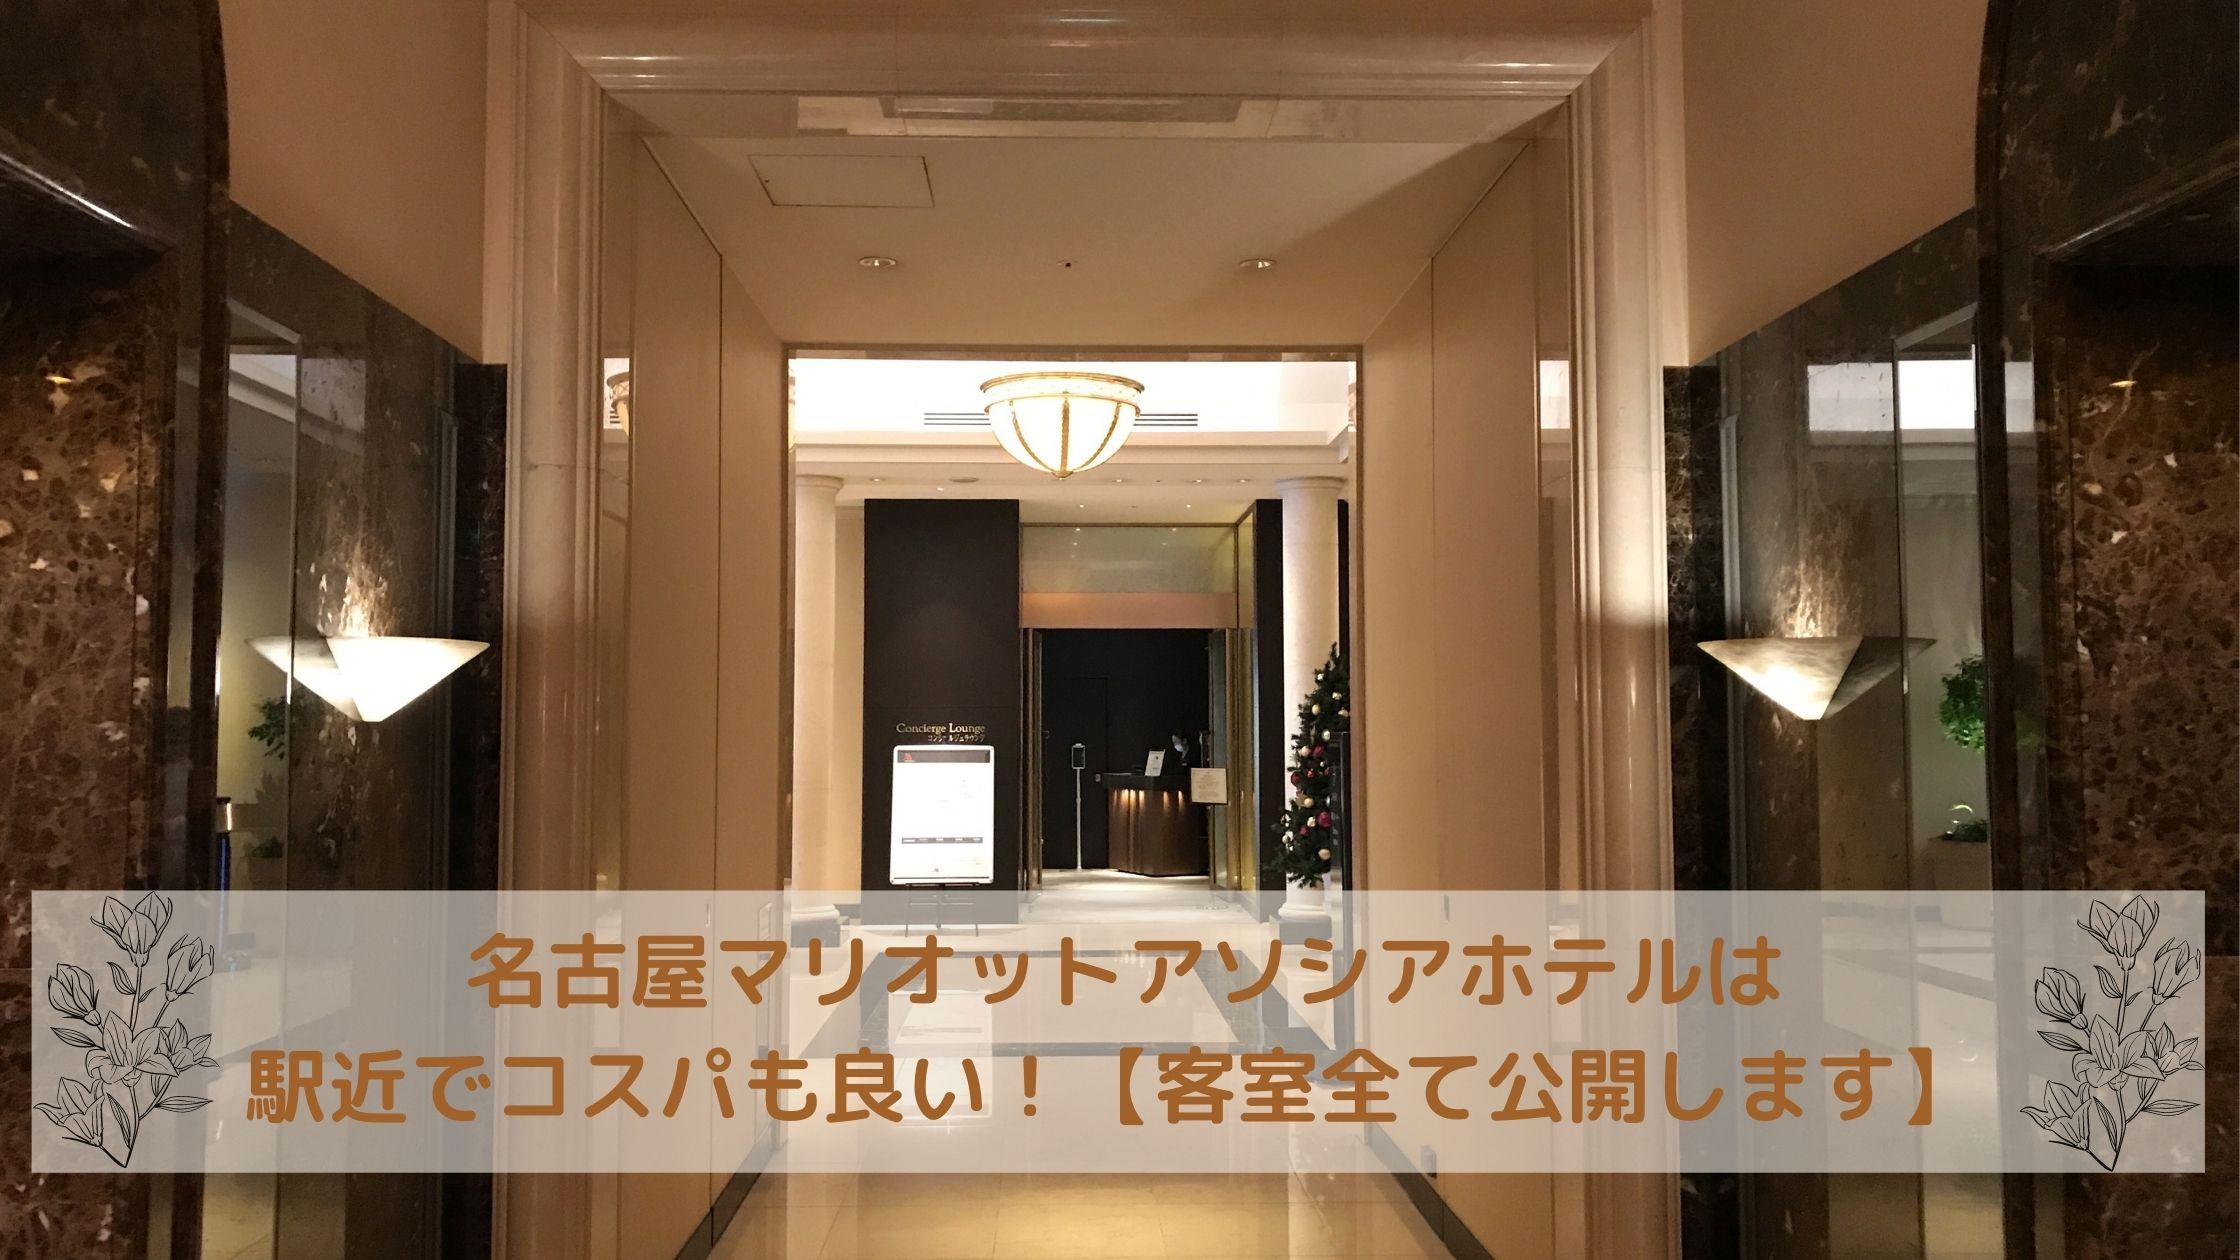 名古屋マリオット ブログ